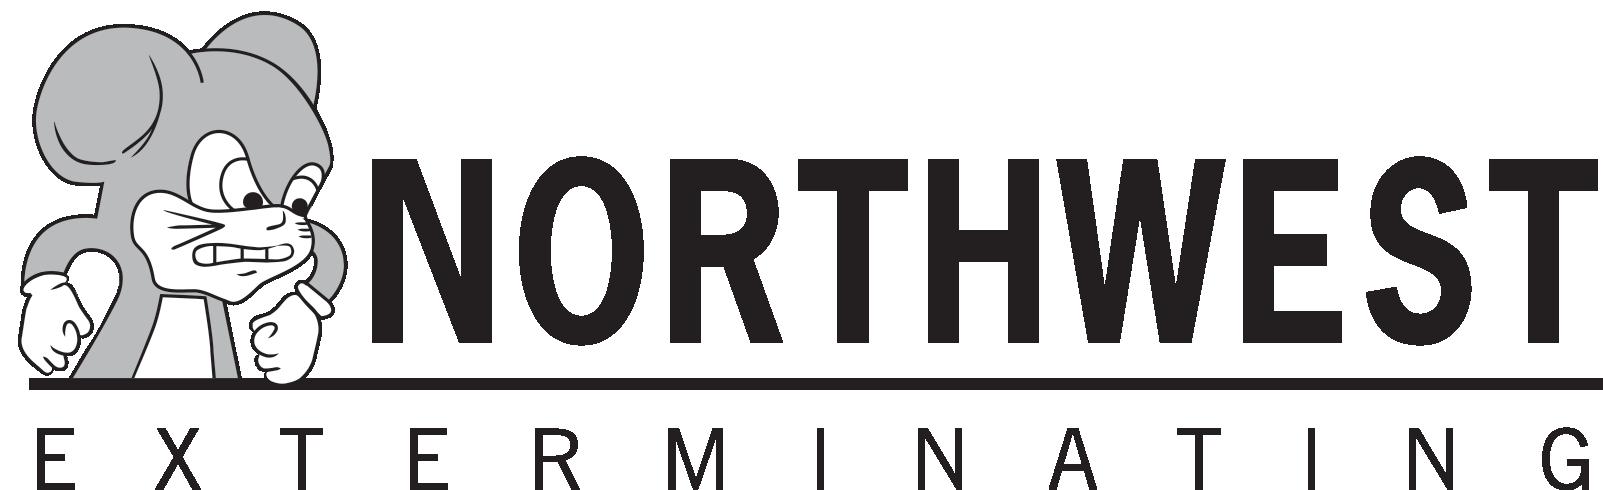 Northwest Exterminating Company Logo